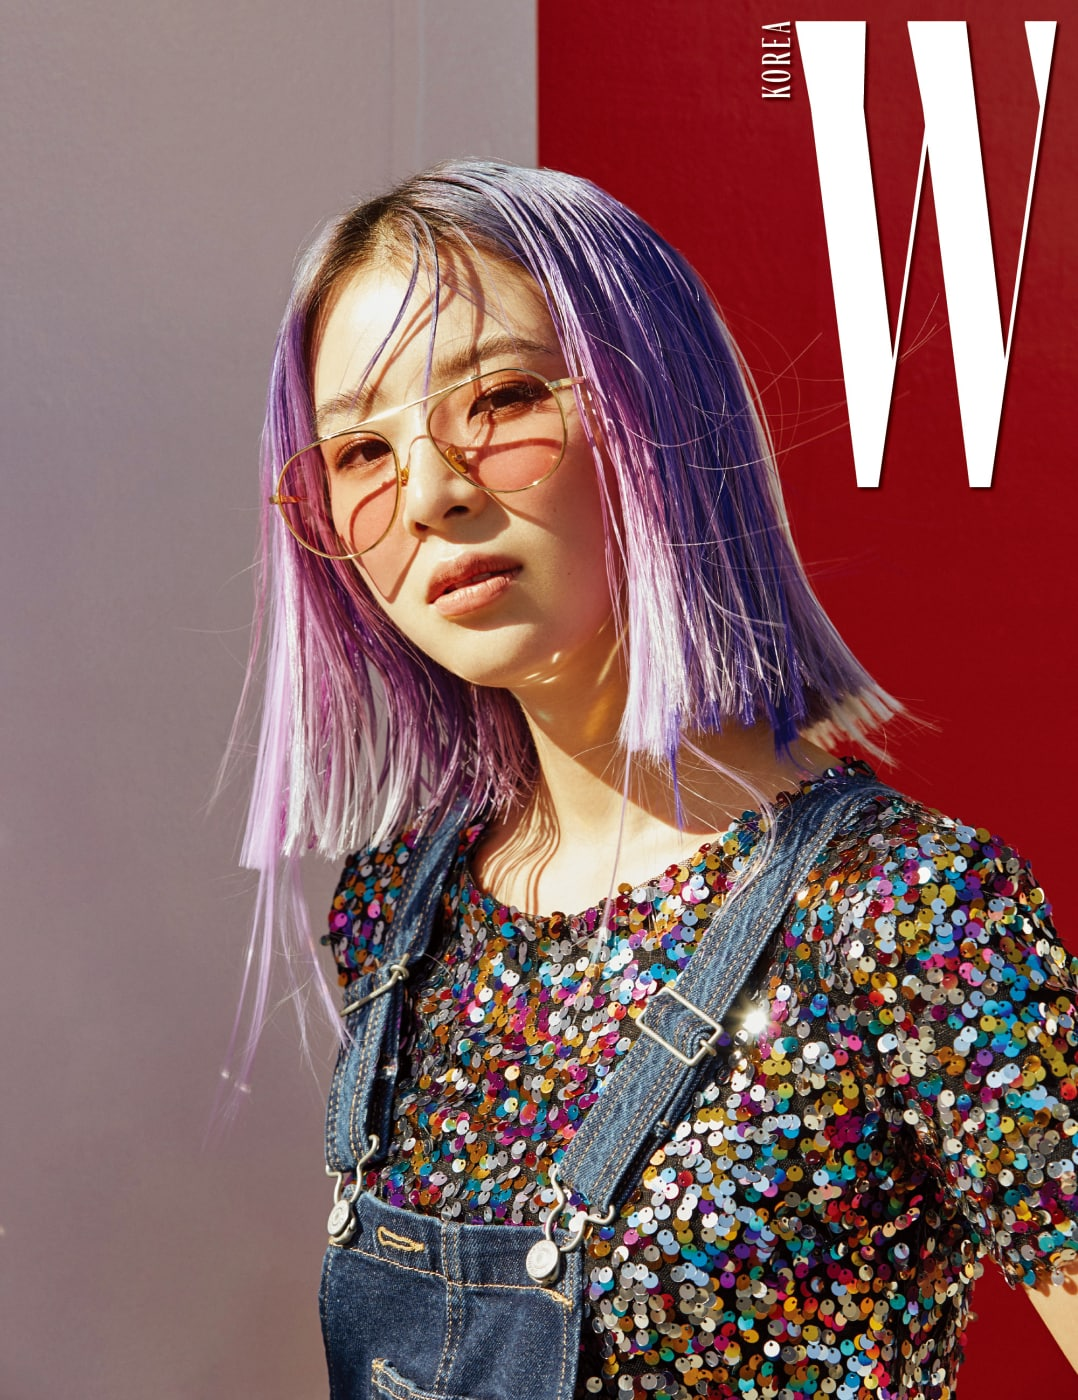 핑크 틴트 렌즈 선글라스는 Lash 제품.